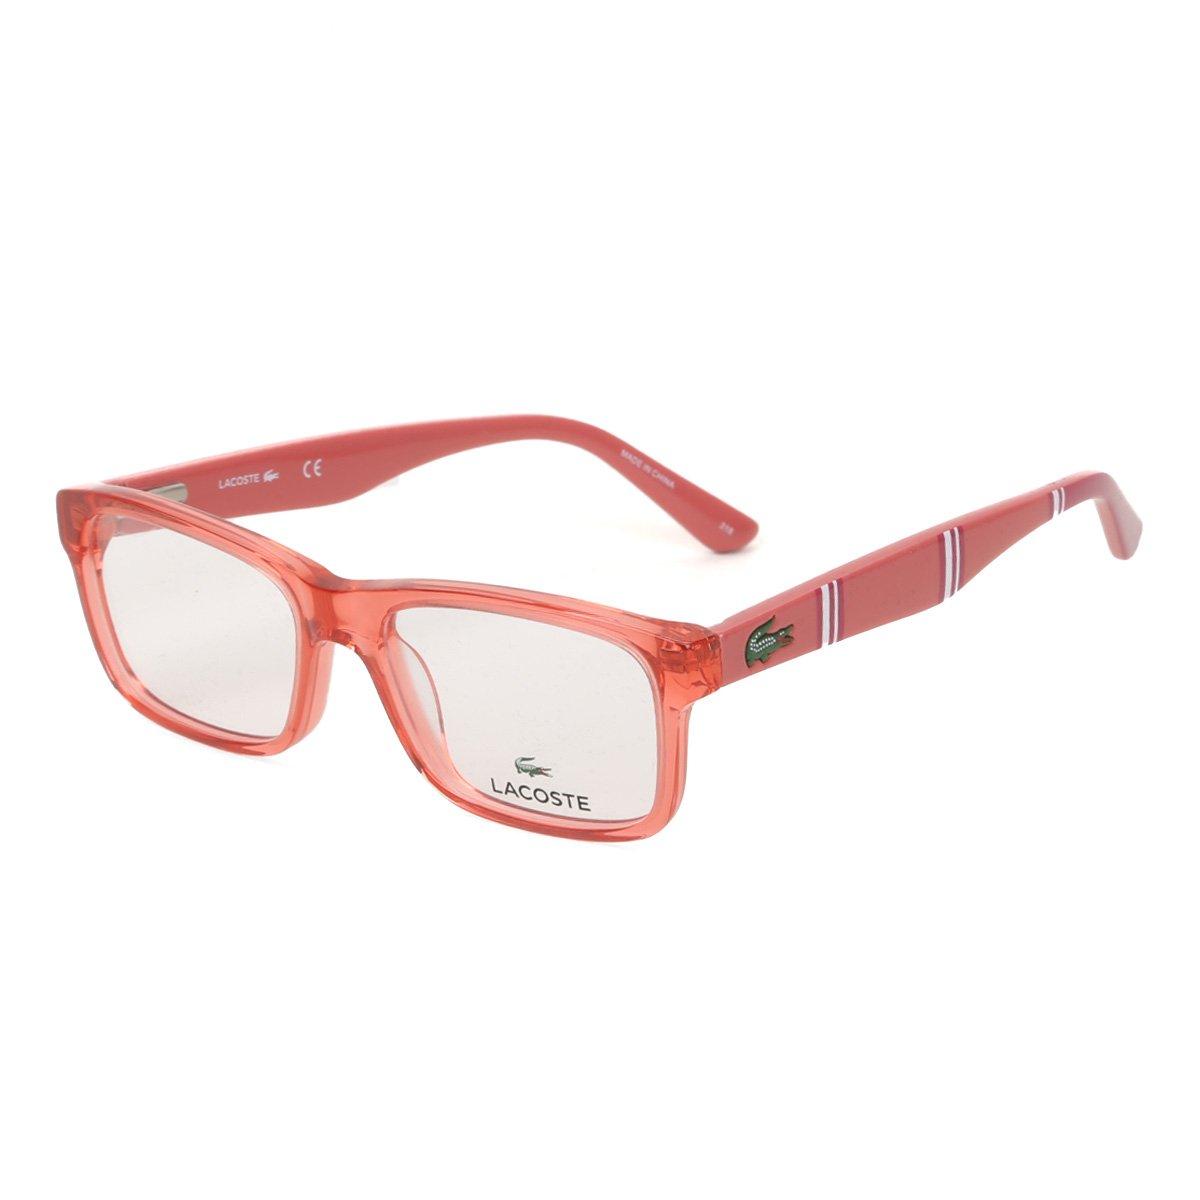 Óculos Juvenil Lacoste L3612 662